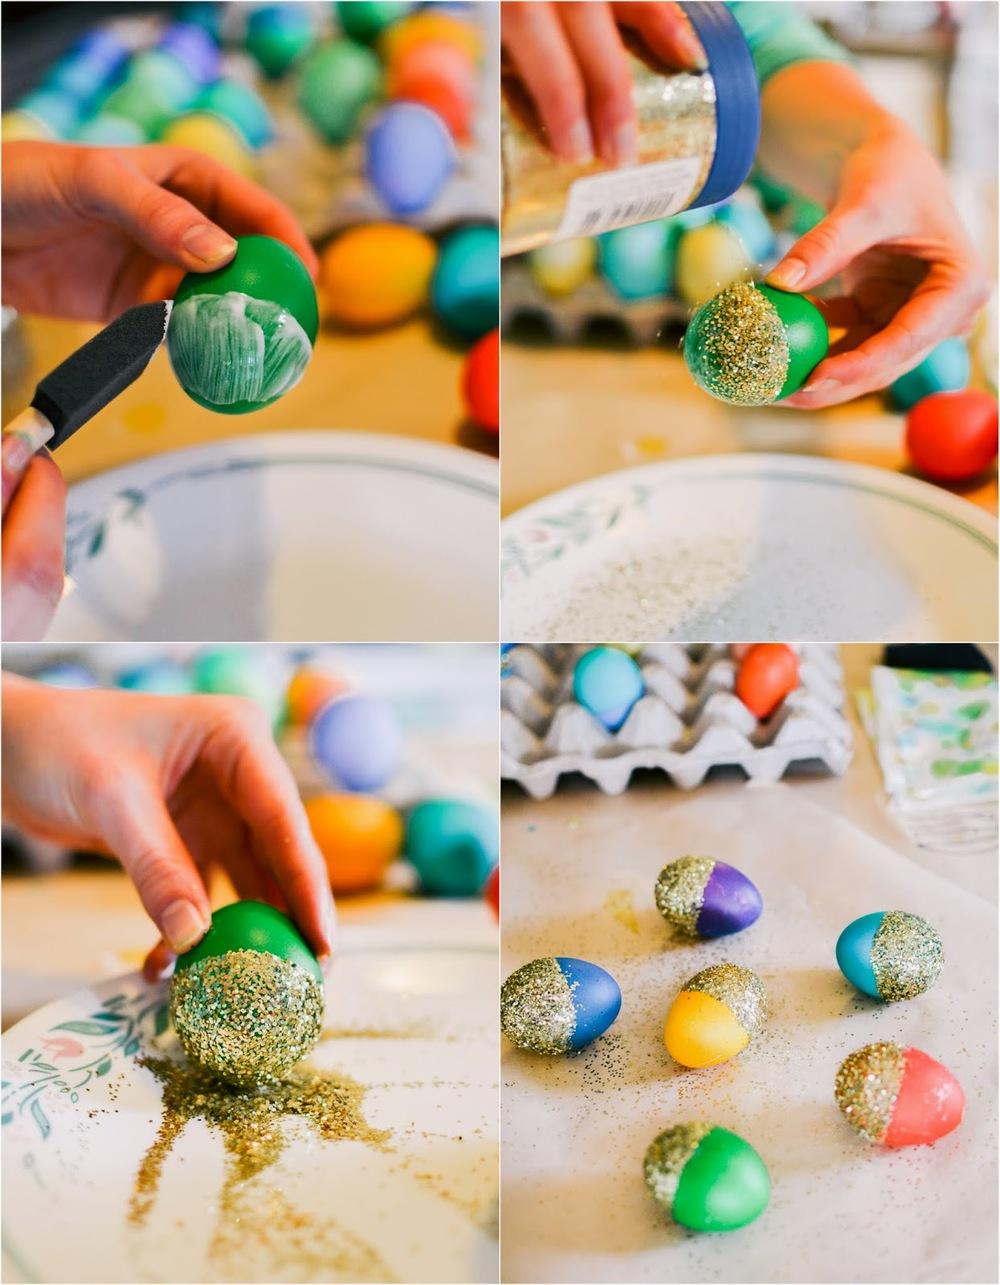 easter+2014+eggs.jpg